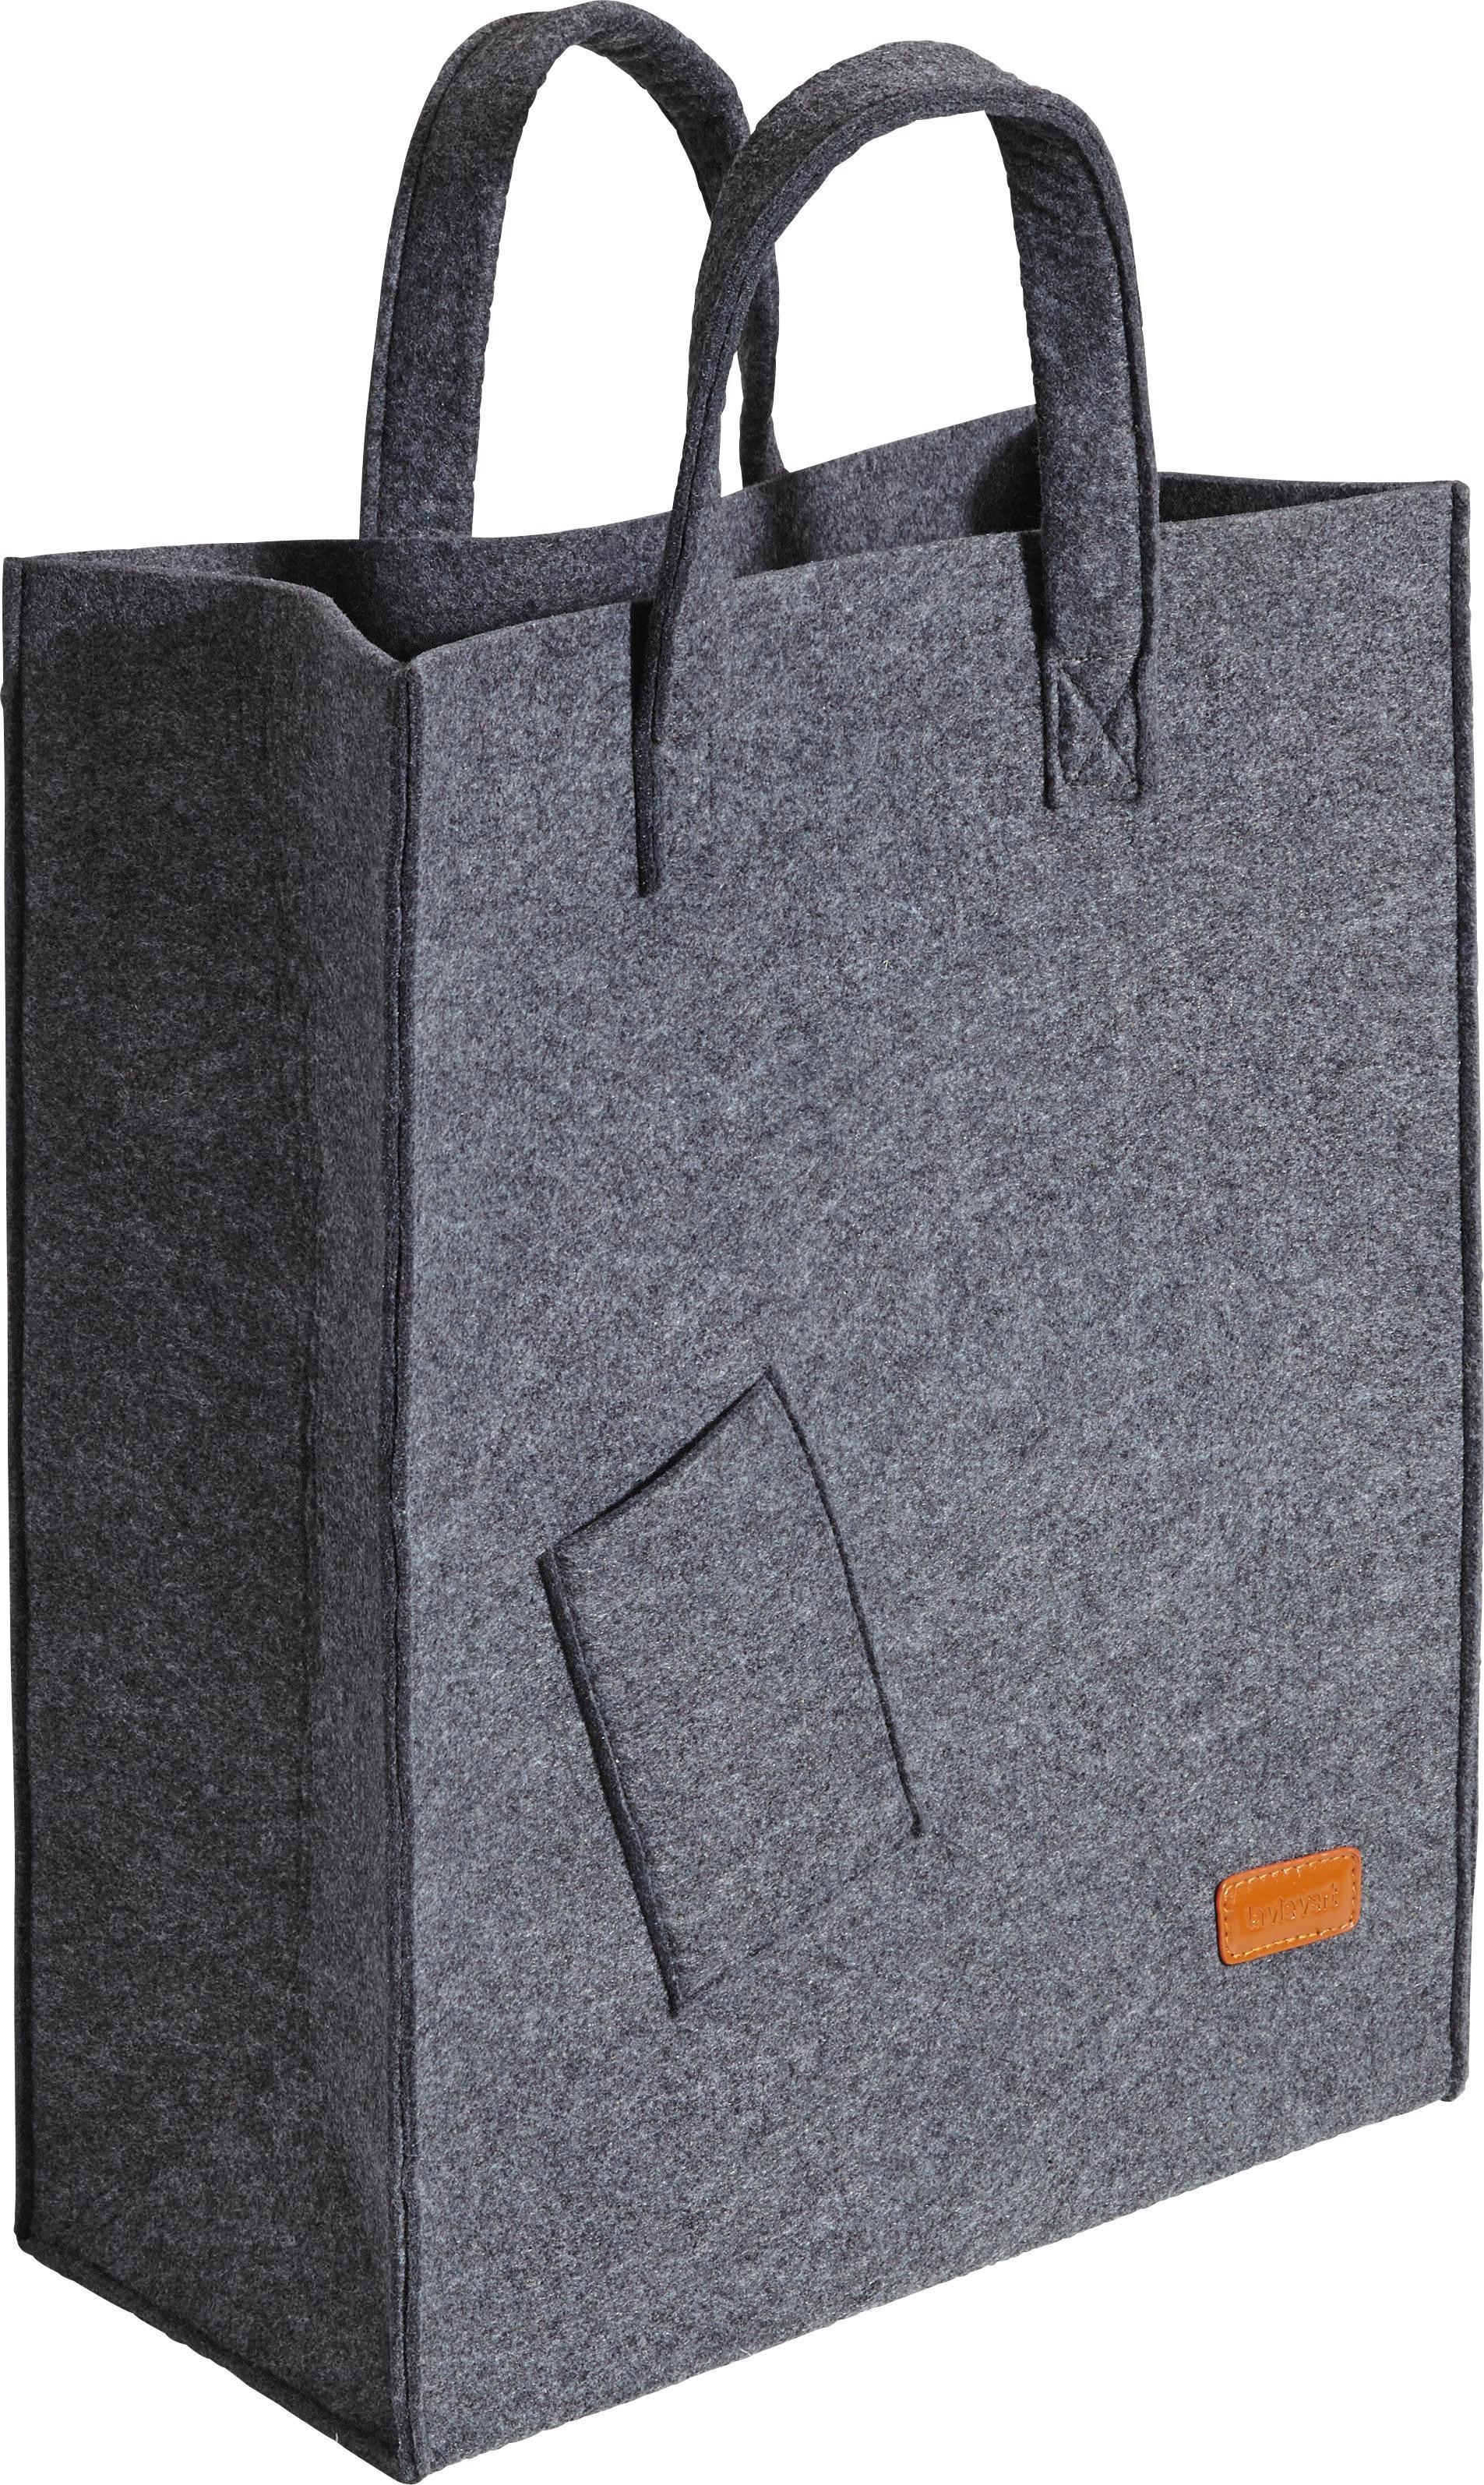 c17cf4753f877 Kaufen Tasche Elias Online 40x50cm Mömax Ca ➤ RL354Aj